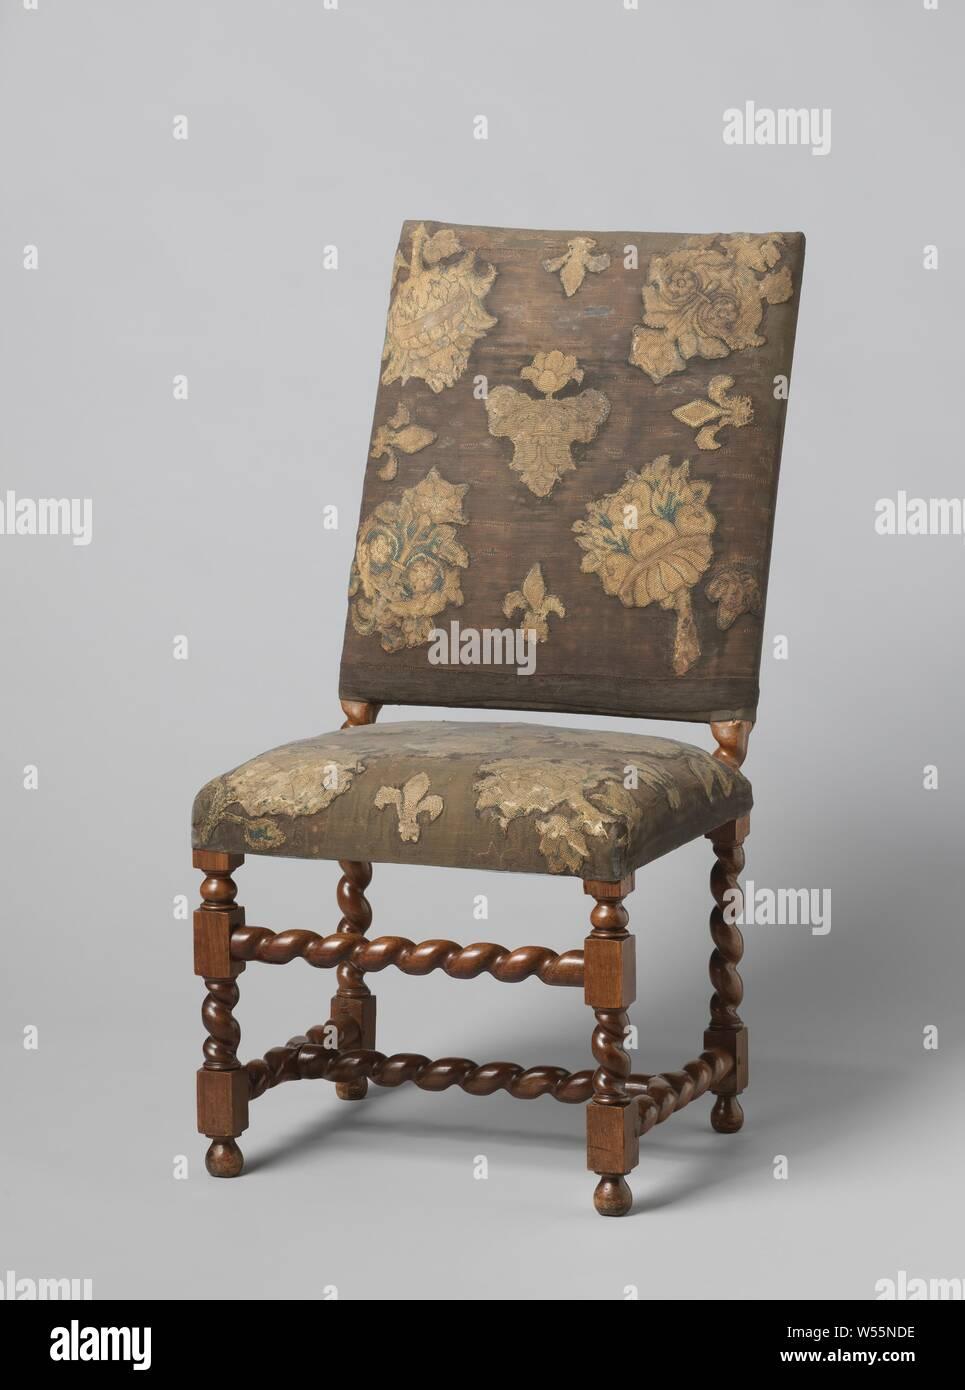 Sedie A Forma Di Sedere Costo mobili, sedia in noce ricoperto di velluto nero e gli arazzi